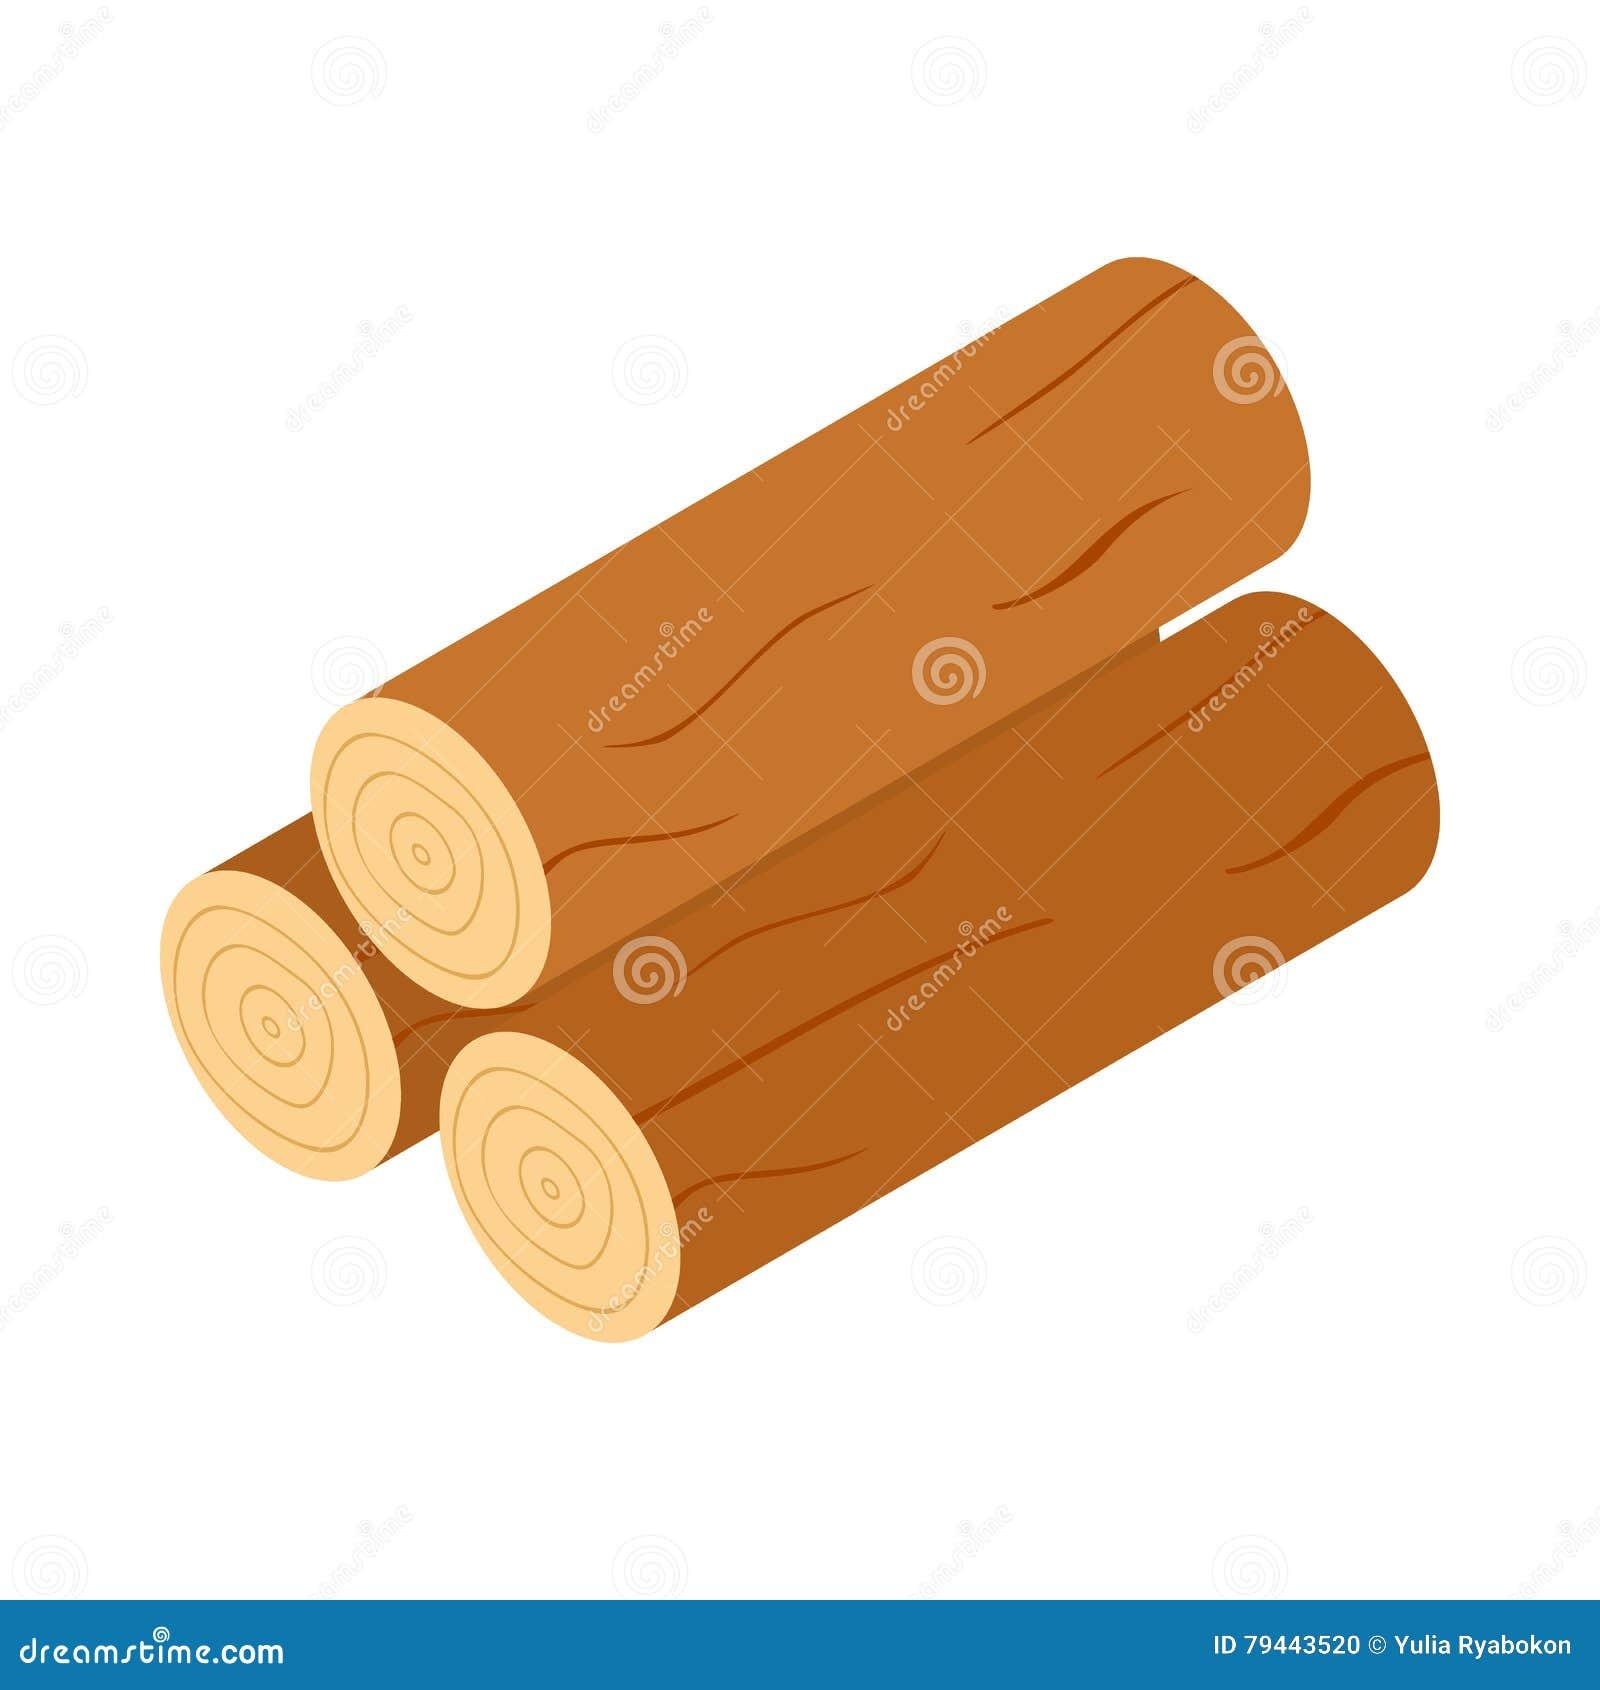 Icône en bois de rondins, style 3d isométrique